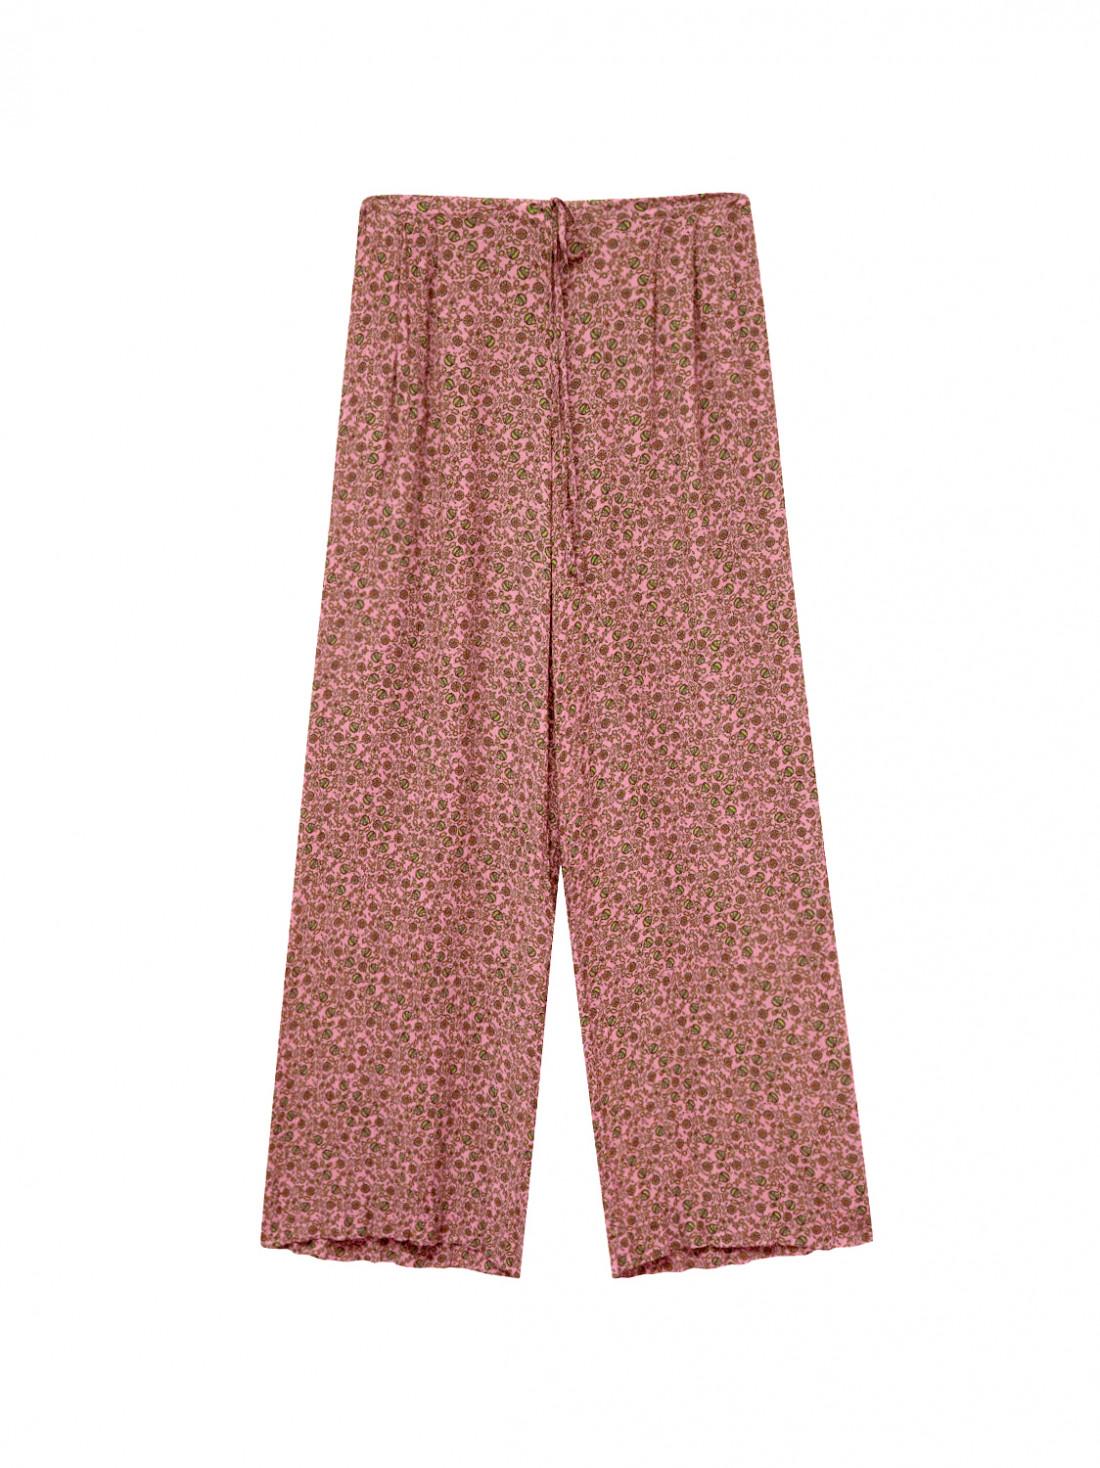 Pantalón estampado coral Mi&Co, con cintura elástica y cordón